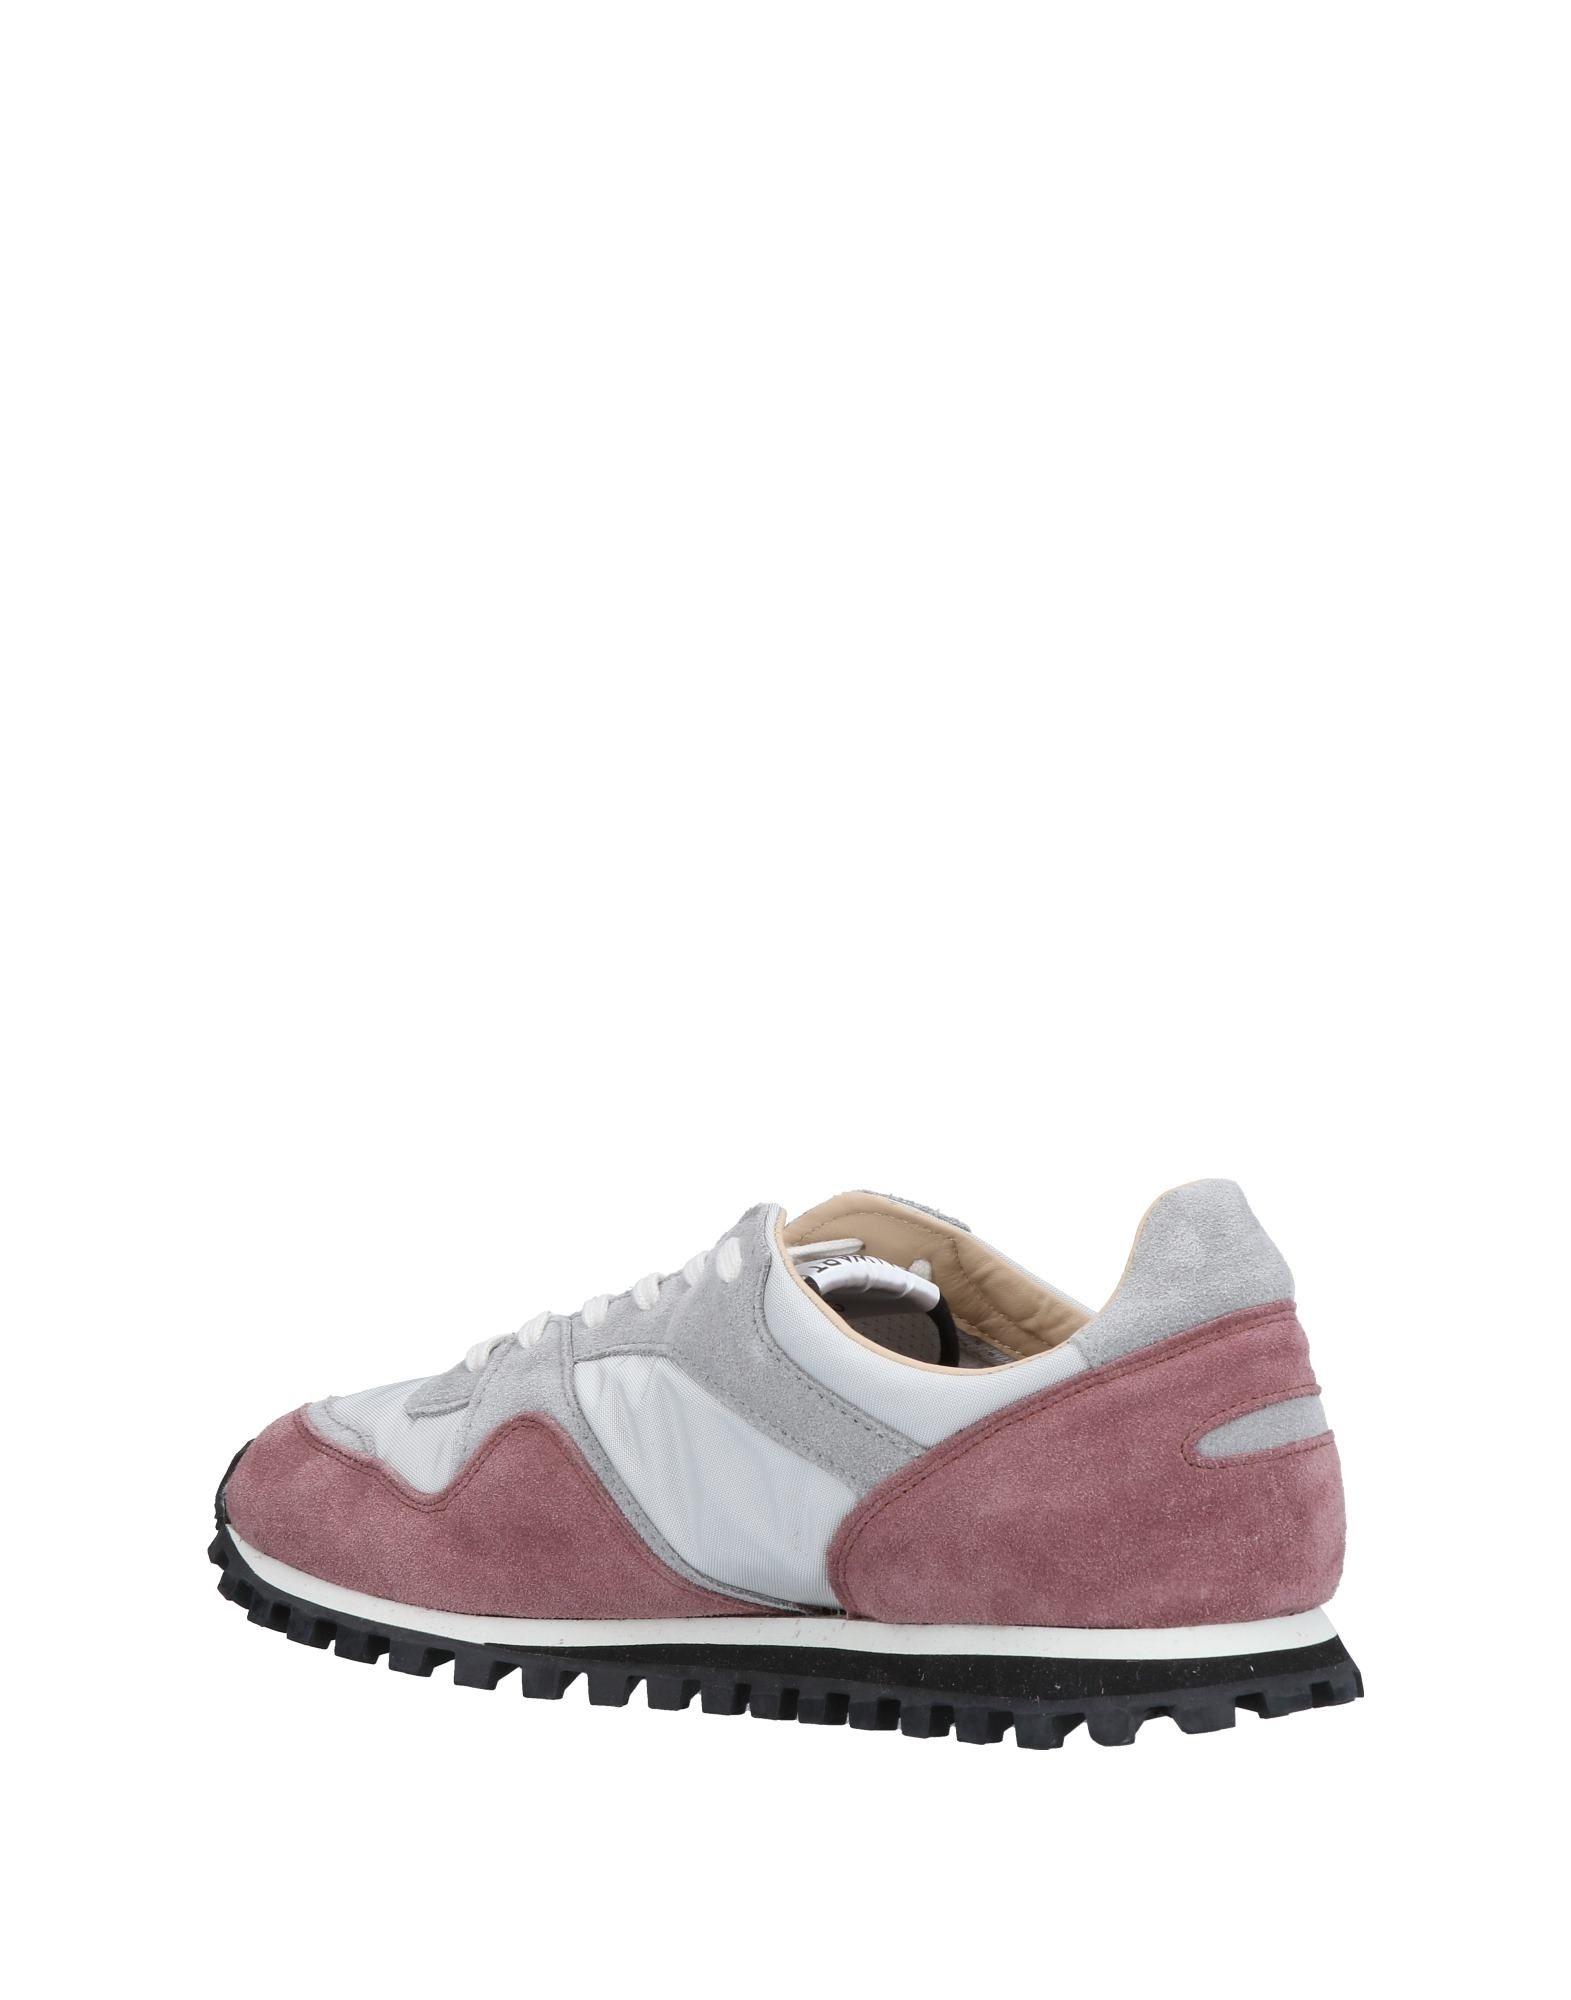 Spalwart Sneakers - Men Spalwart Sneakers online on    Canada - 11382439NH 1edf34